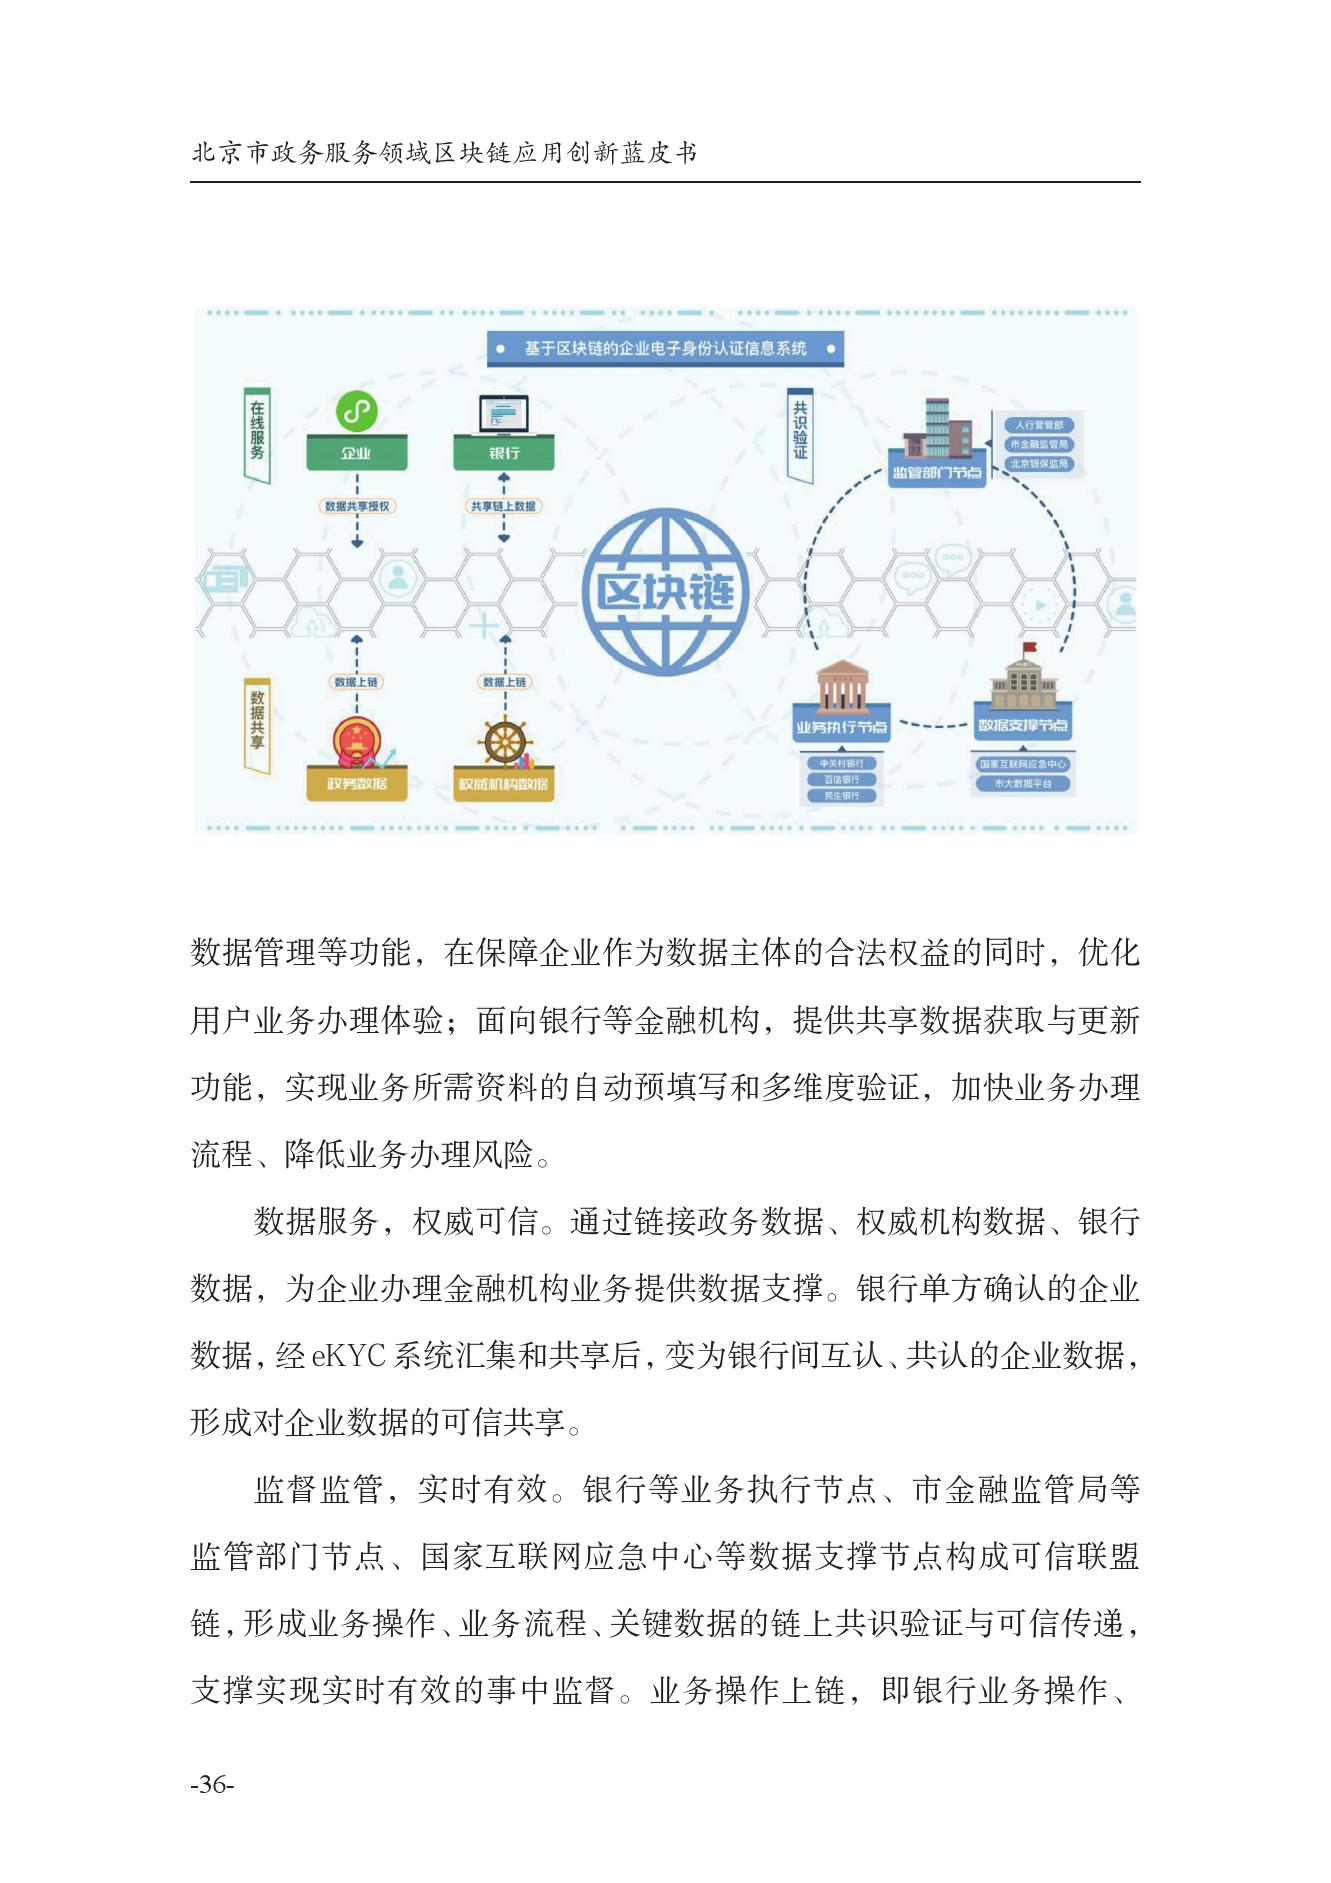 北京市政务服务领域区块链应用创新蓝皮书(可下载报告)插图(77)